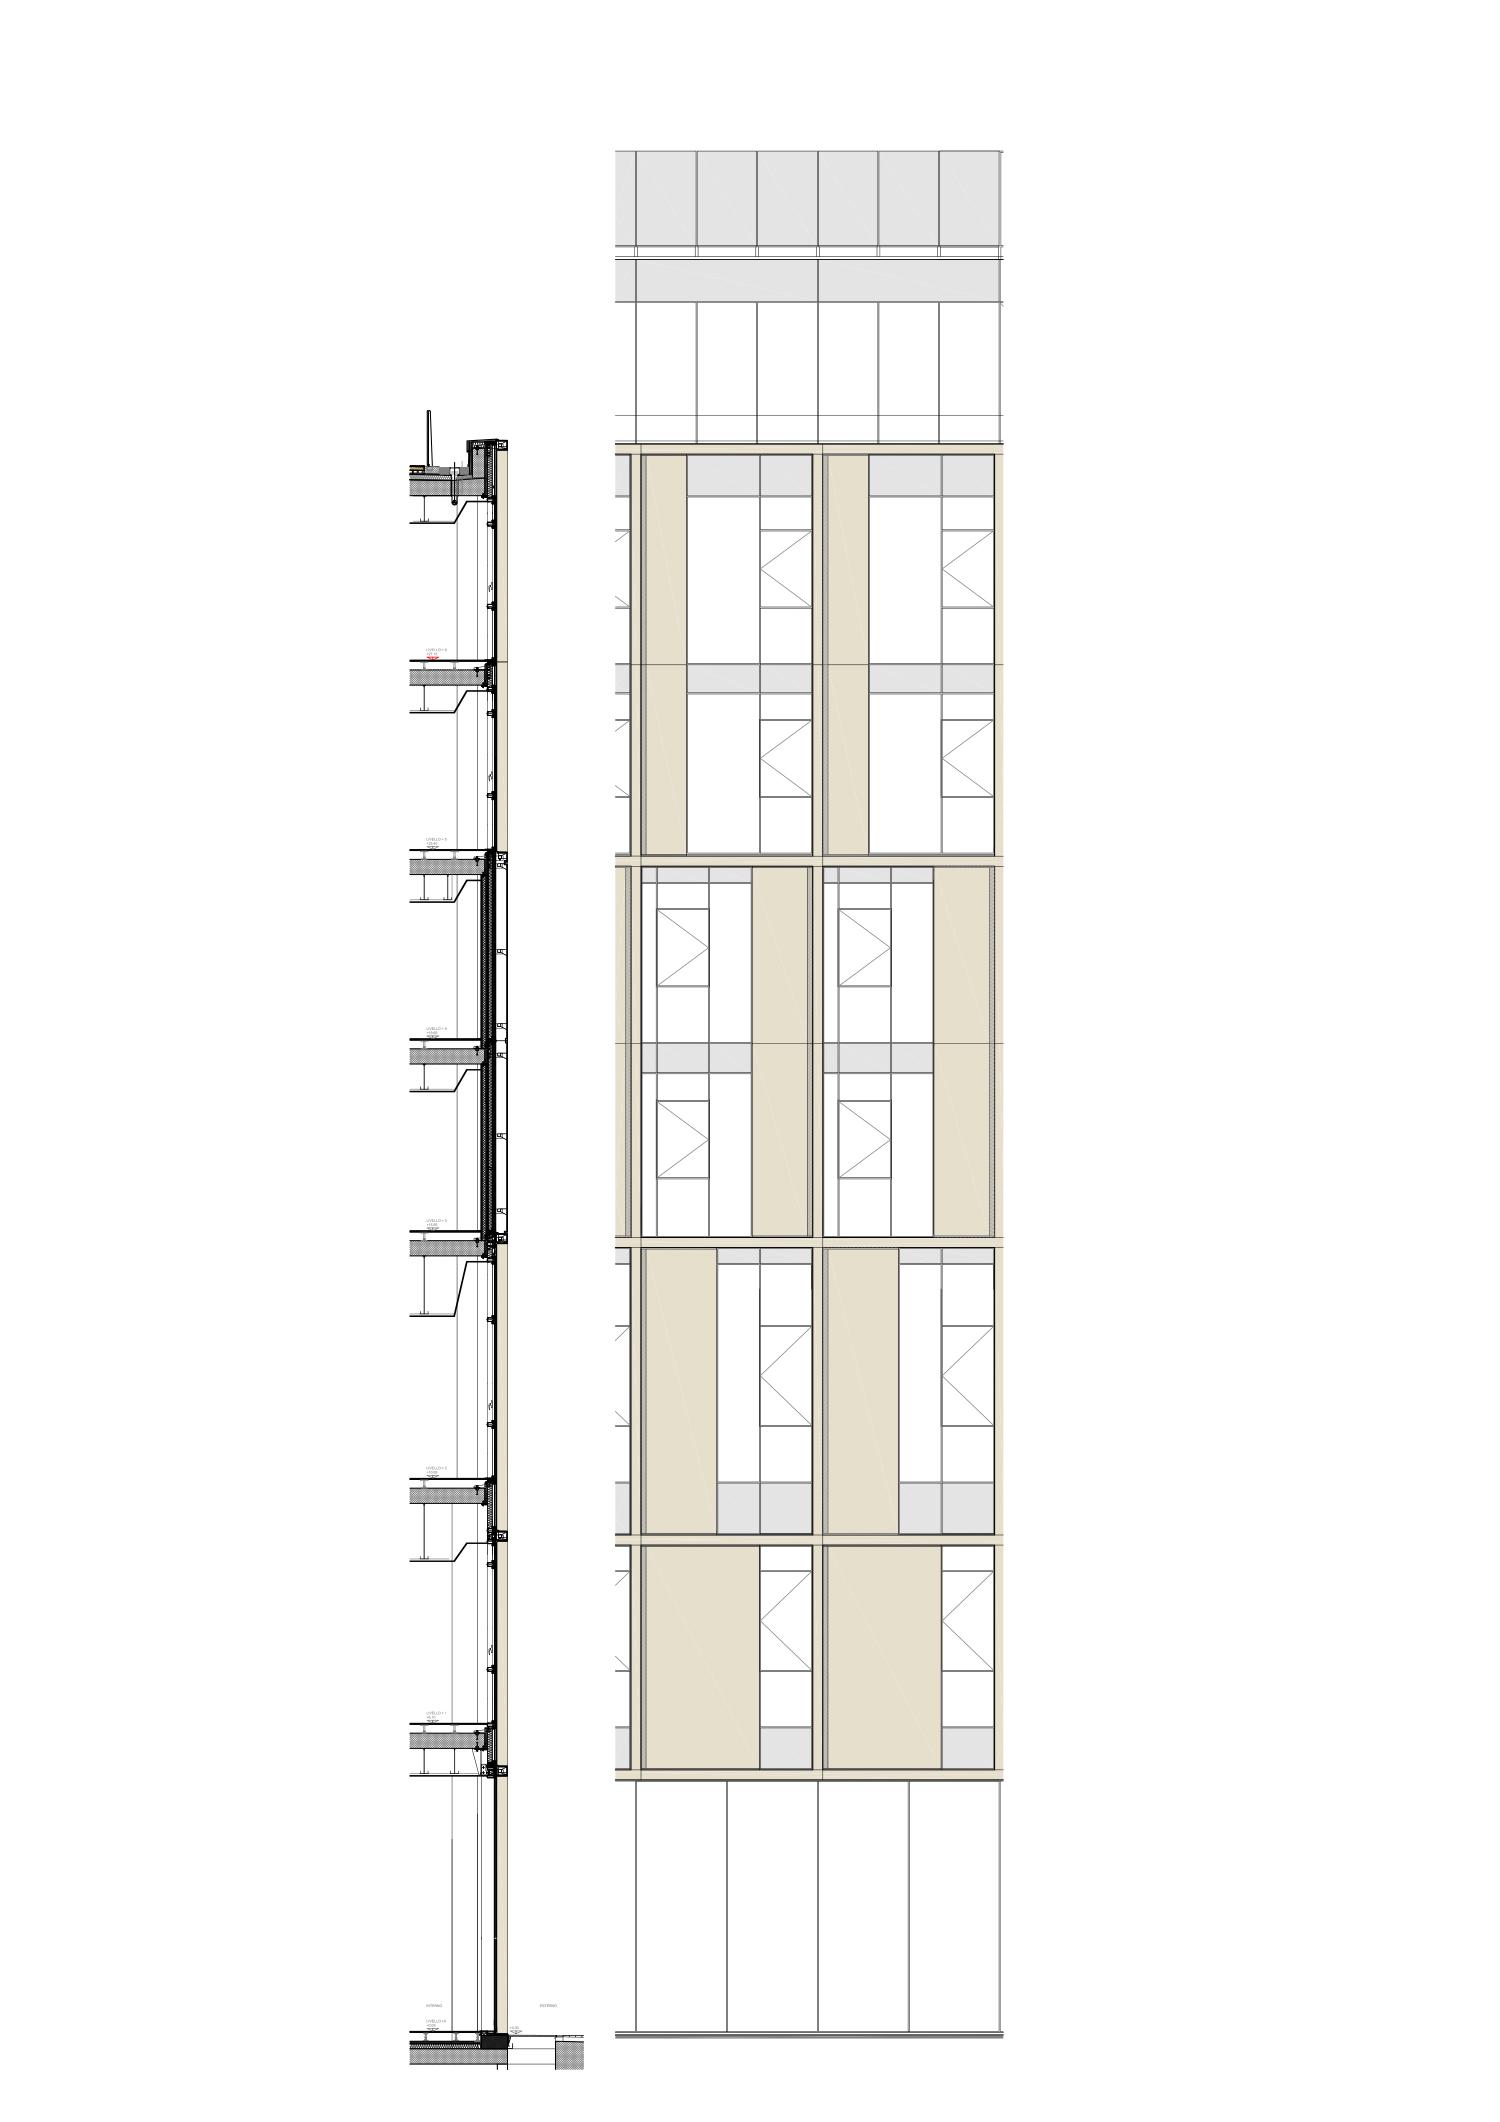 dettaglio facciata esterna Iotti+Pavarani Architetti, Artecna}